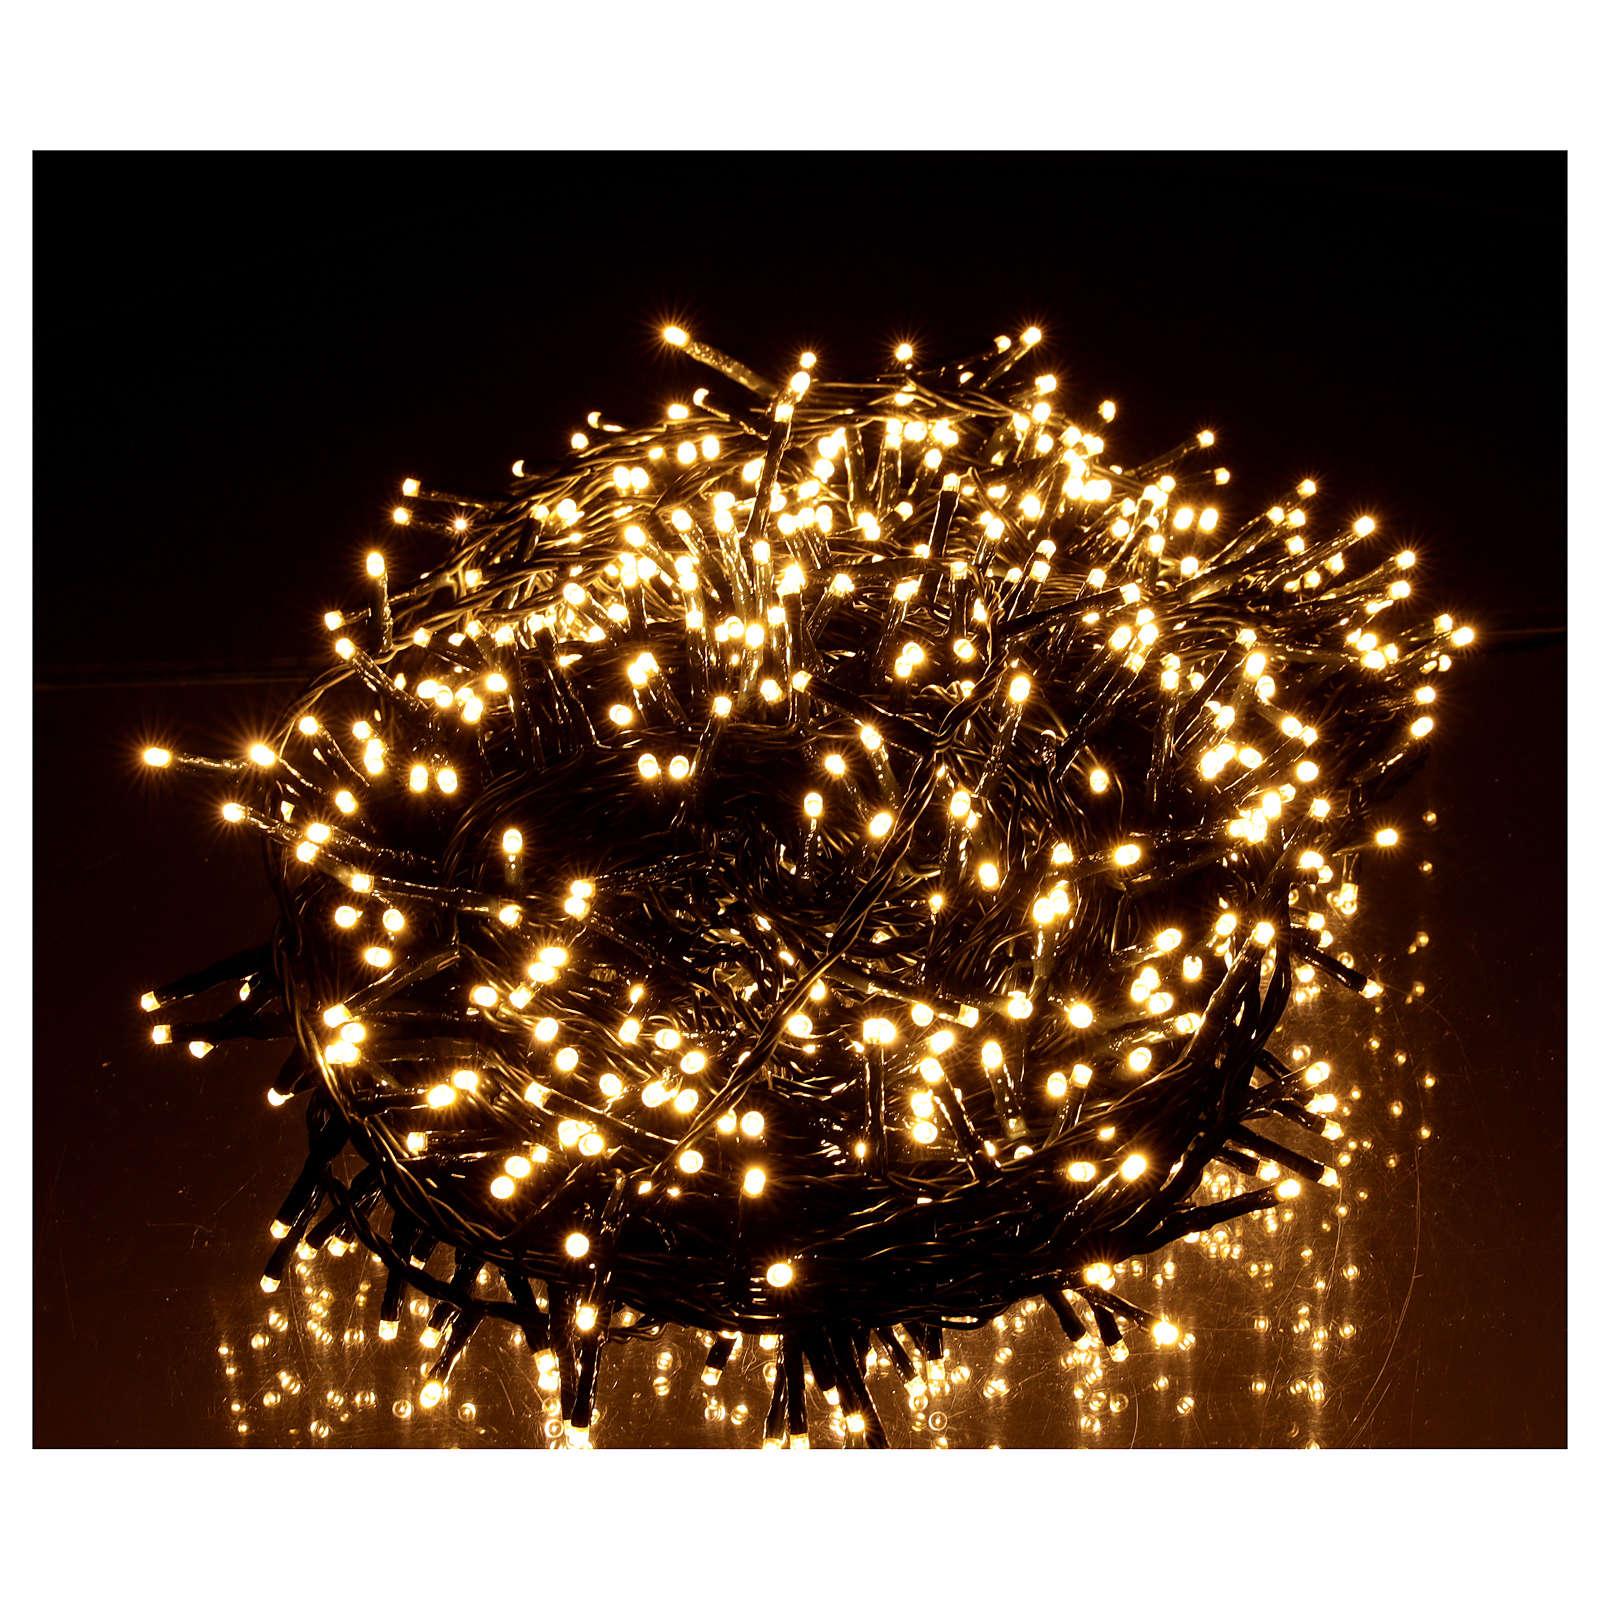 Catena luminosa Natale 1000 led bianco caldo telecomando esterno 220V 3